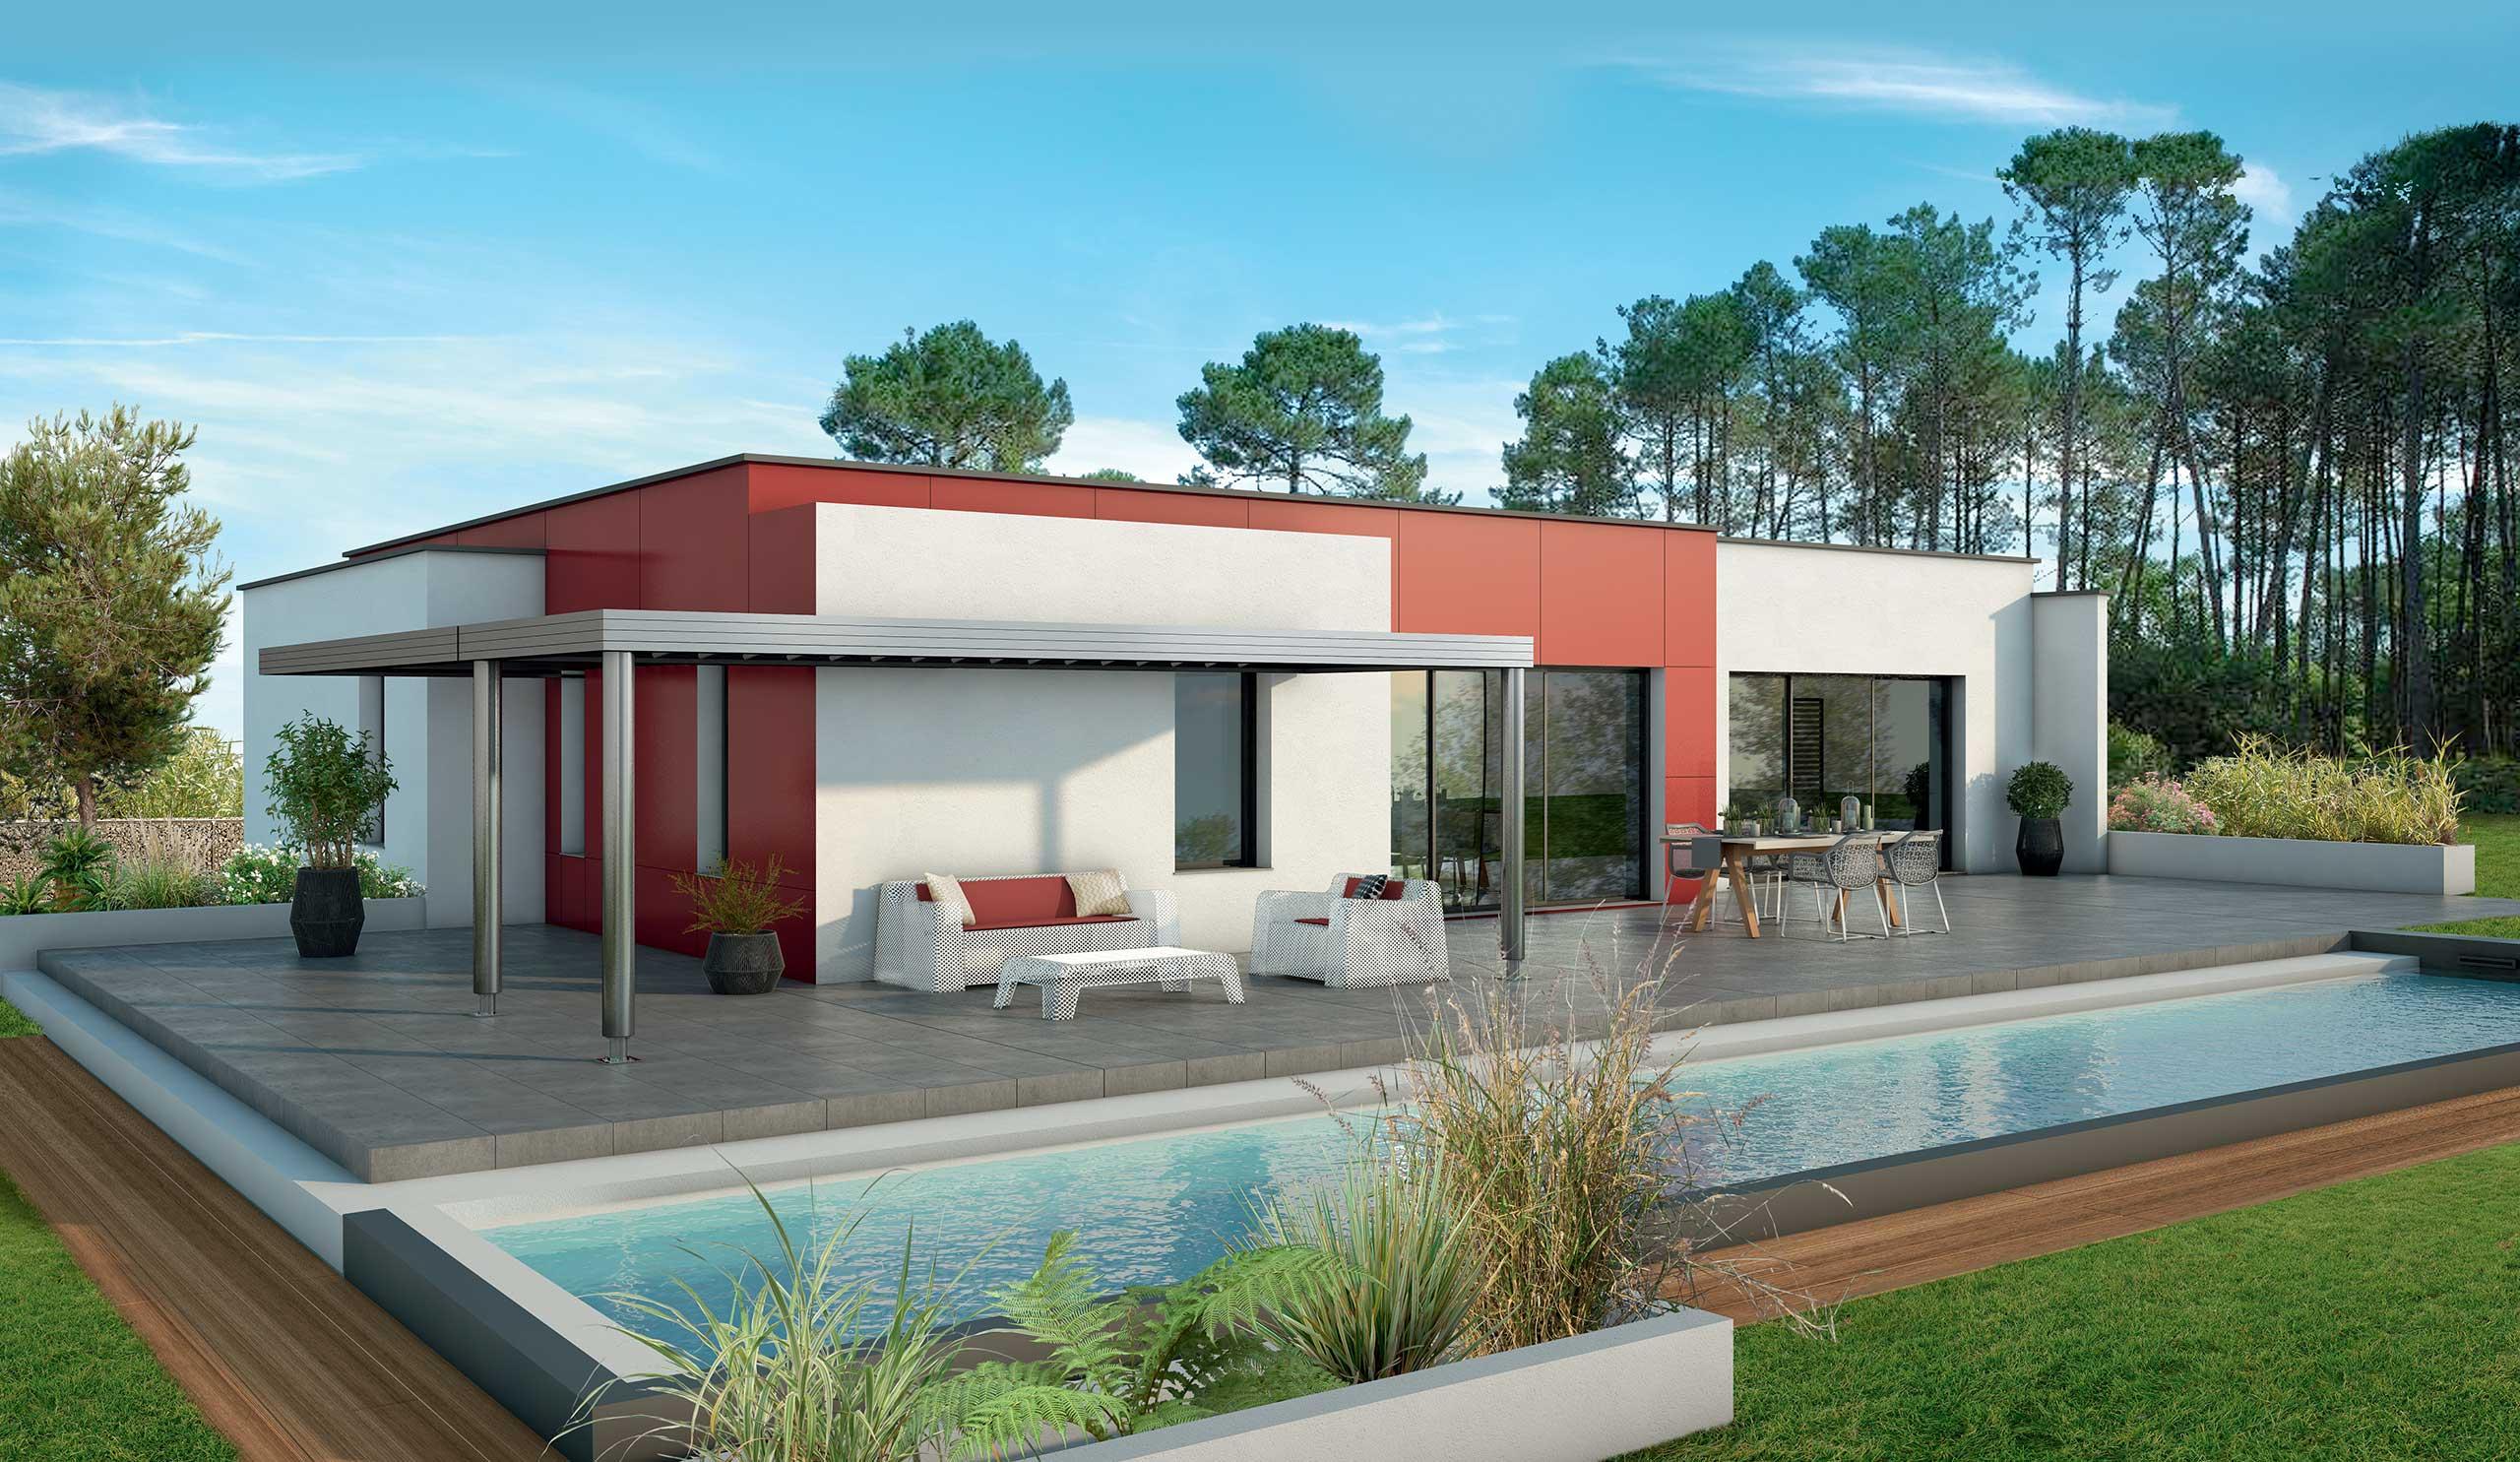 maison modèle de maison acajou : une villa moderne de plain-pied